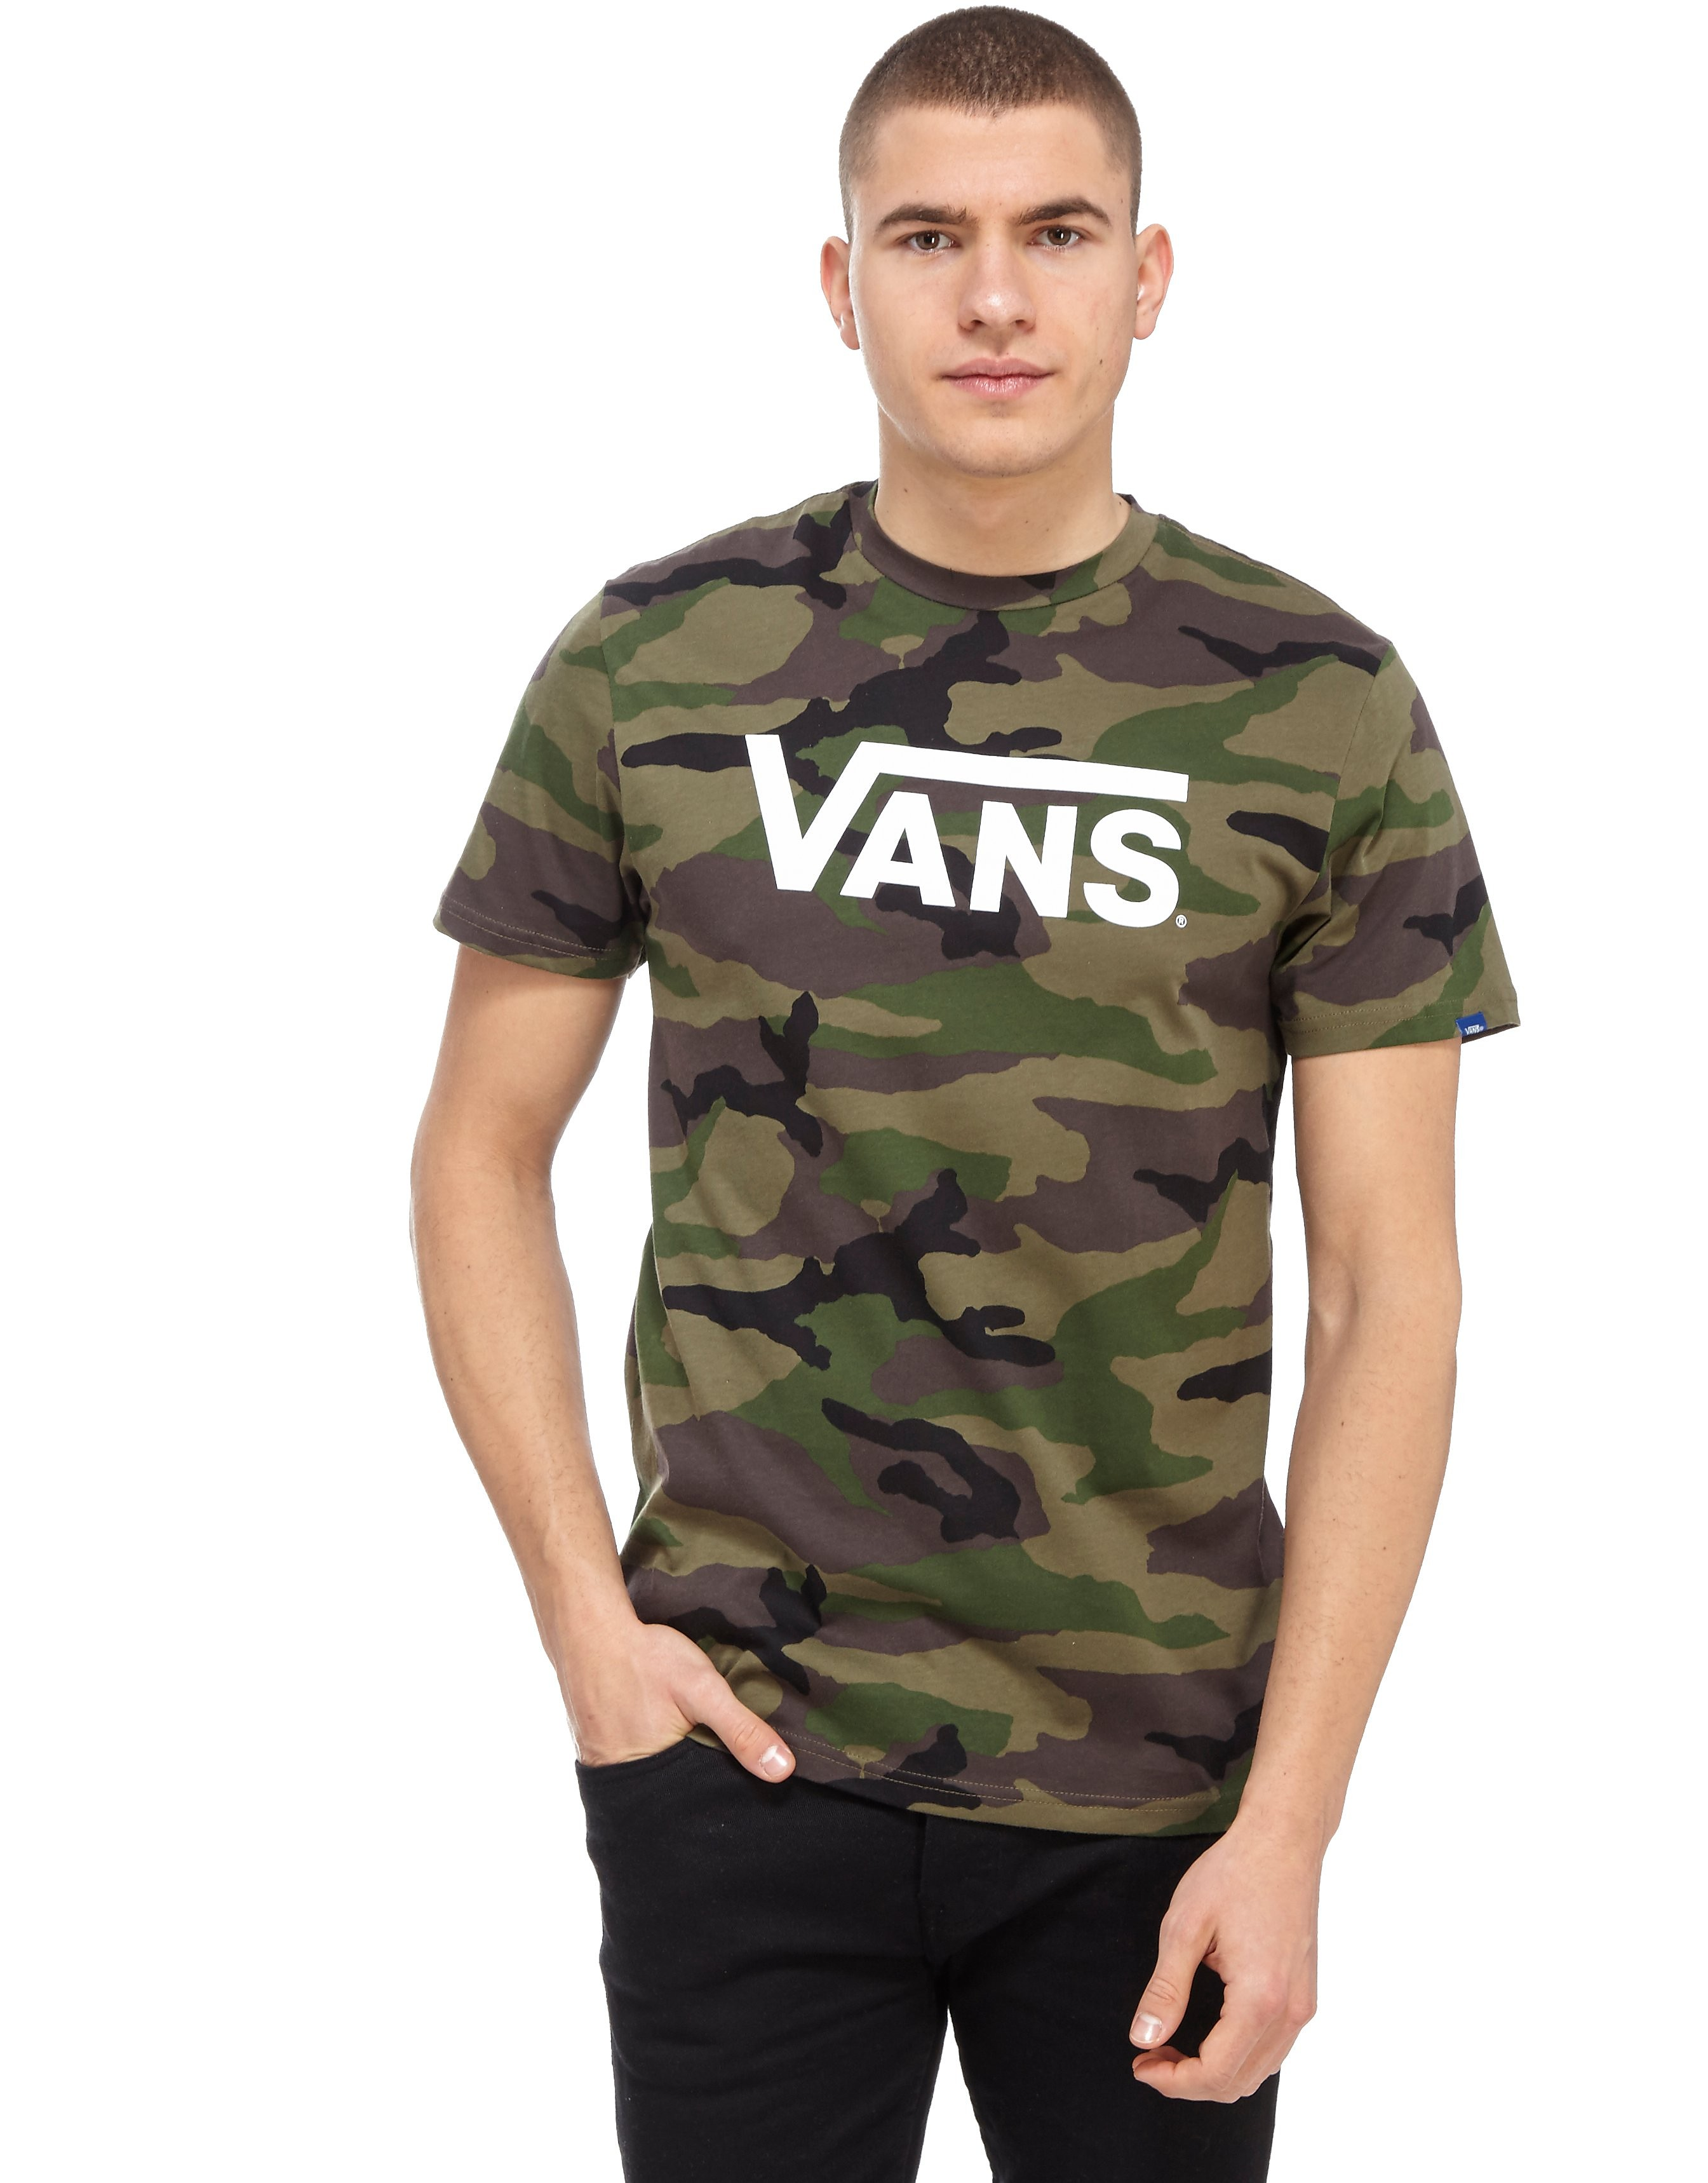 Vans Classic Camo T-Shirt